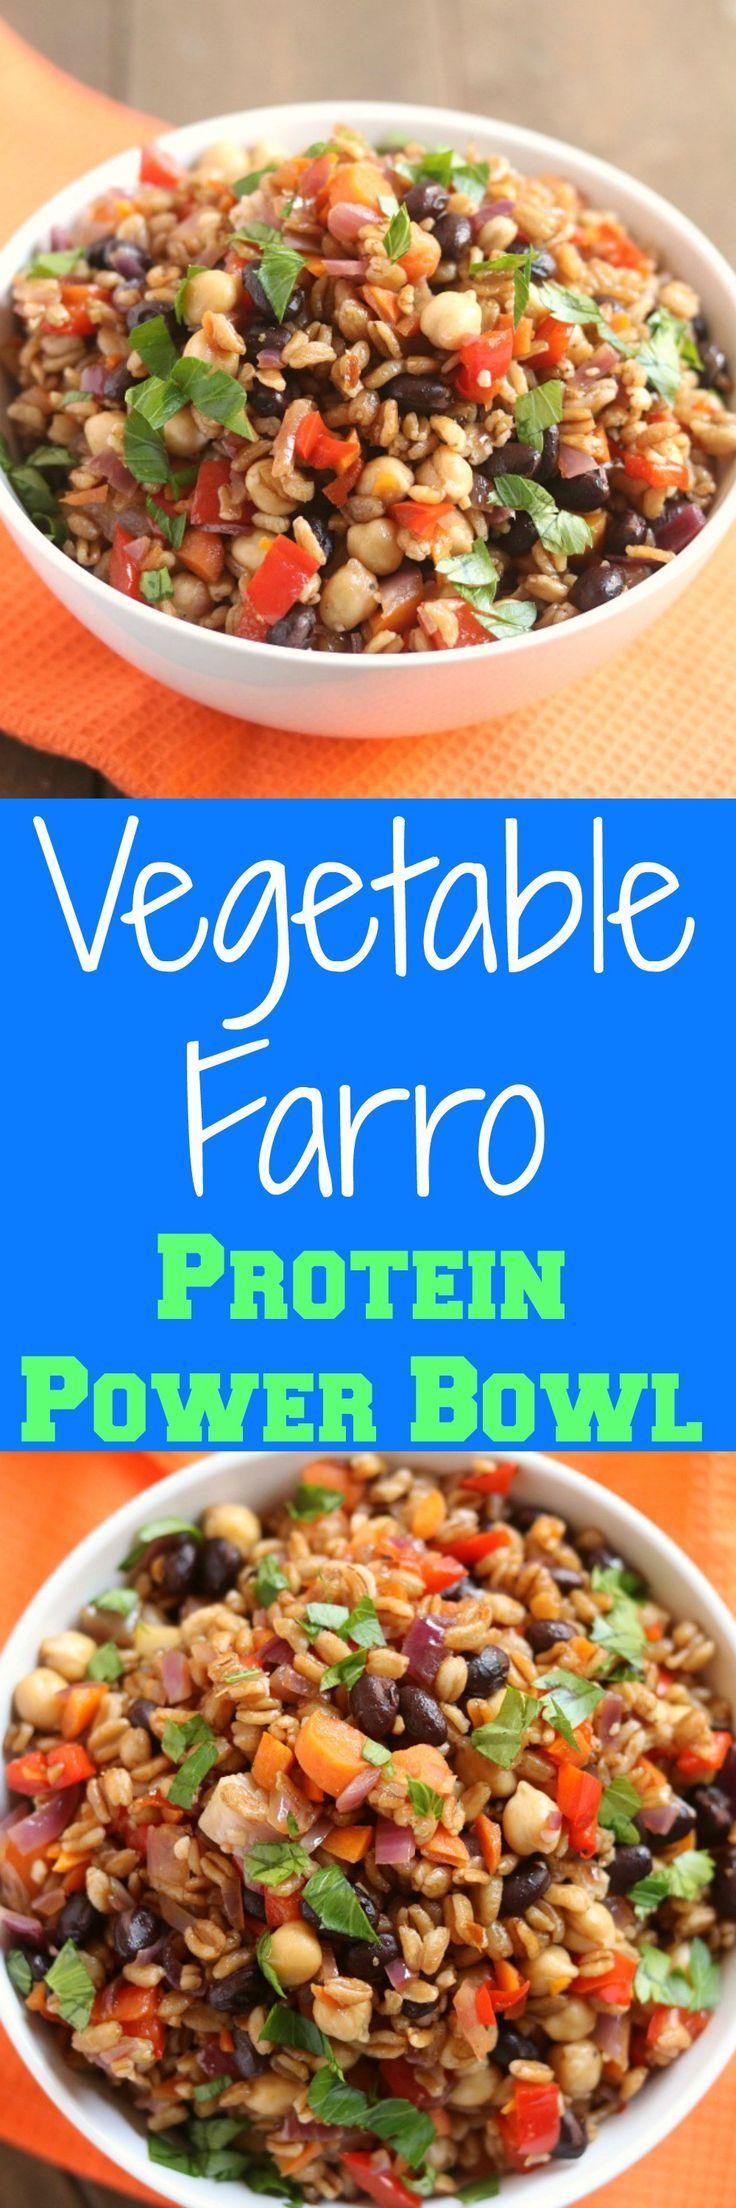 vegetable-farro-protein-power-bowl